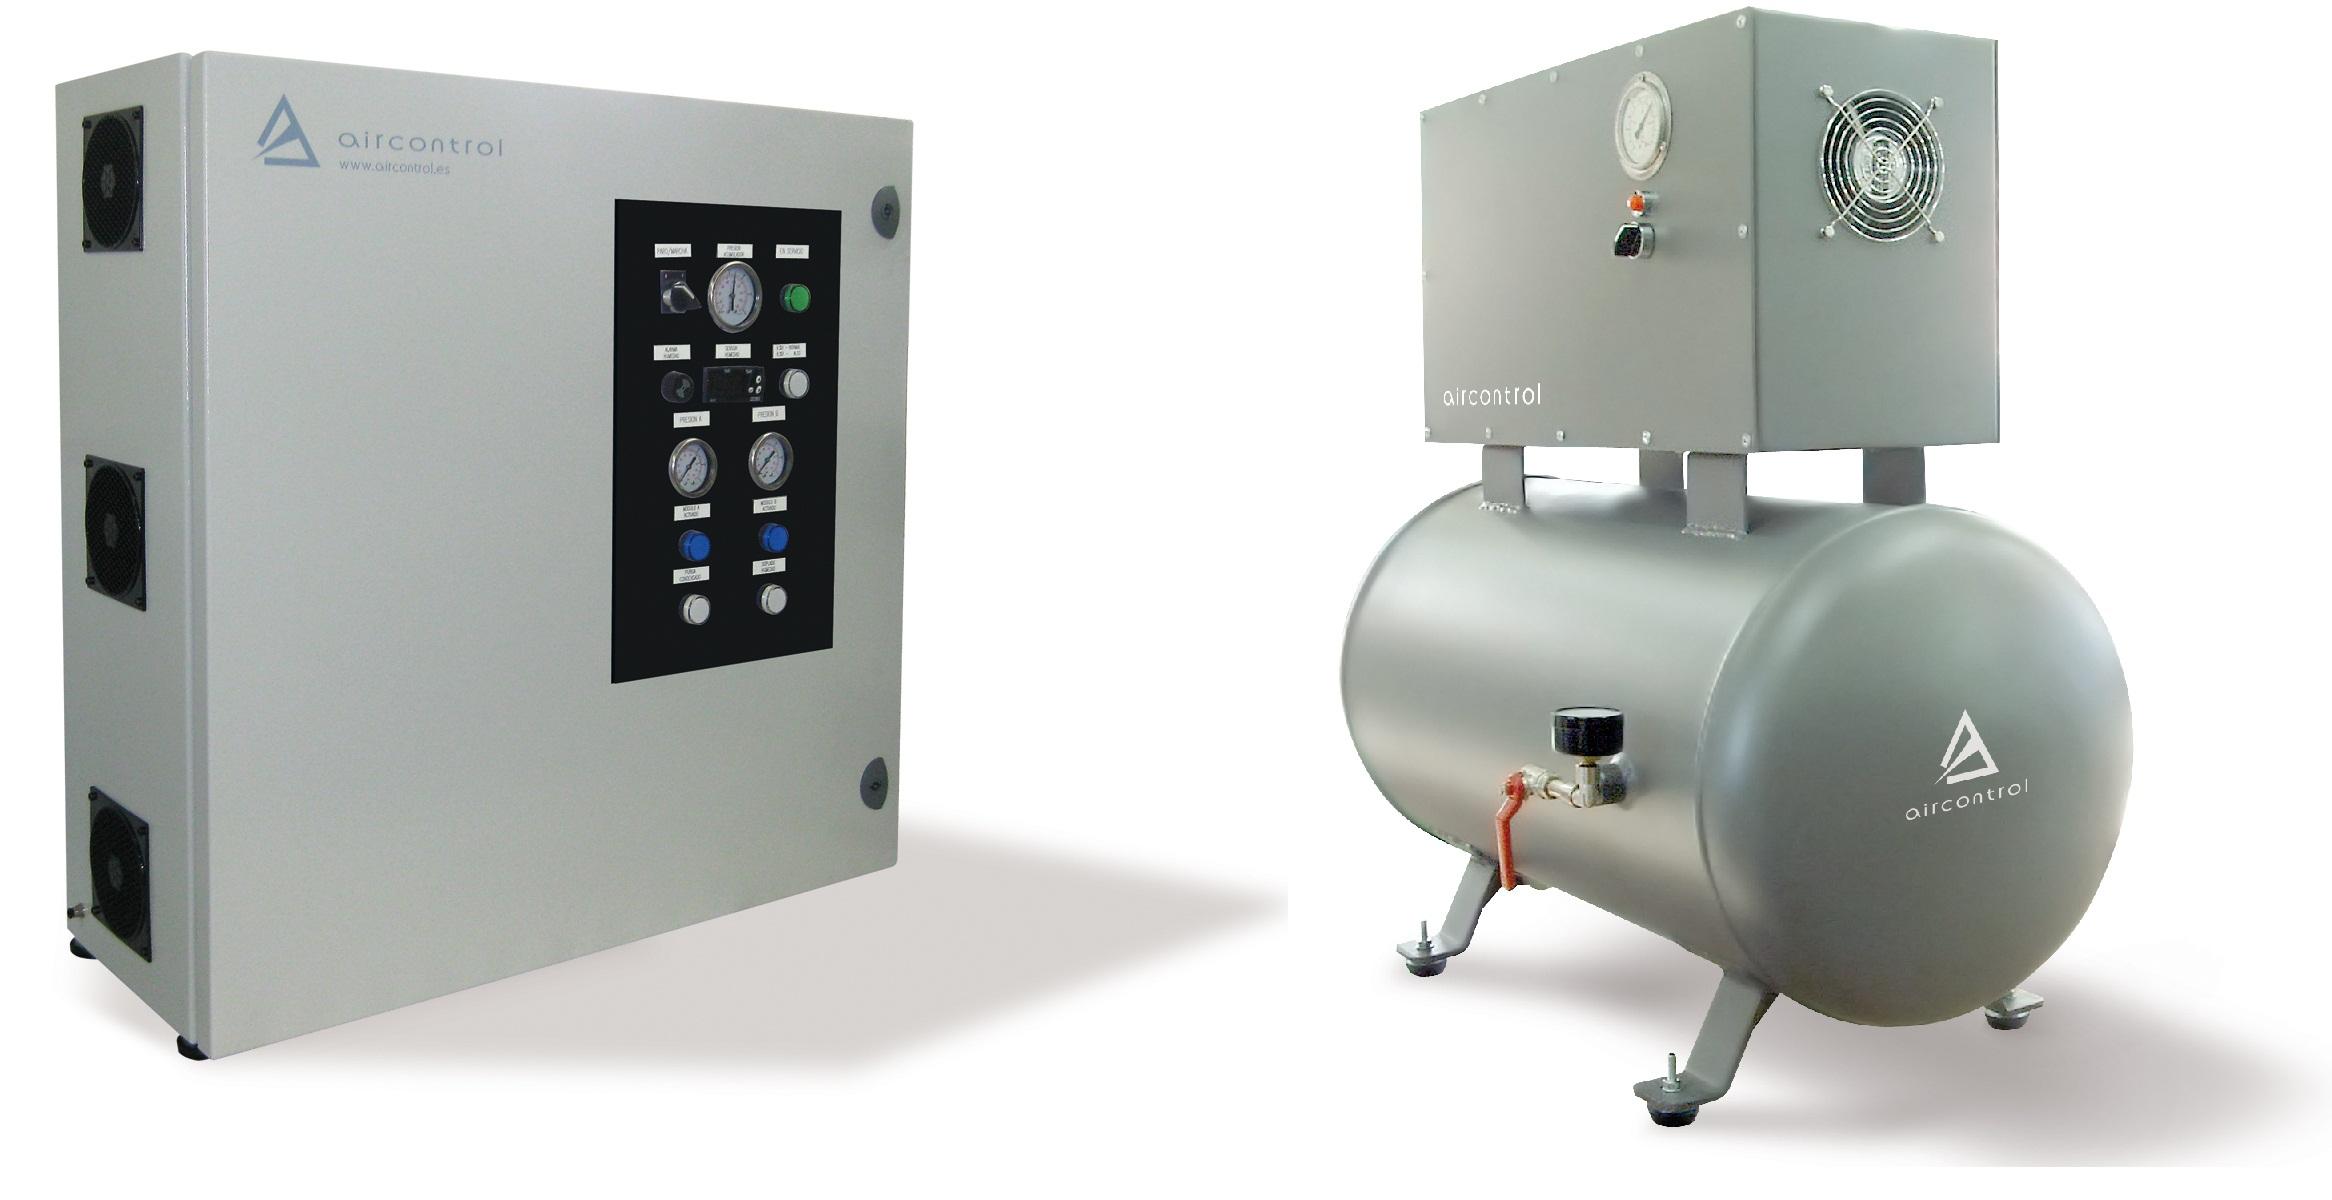 Compresores de aire seco y limpio para aplicaciones especiales. Ejemplos: laboratorios,instrumentos de medición ambienta